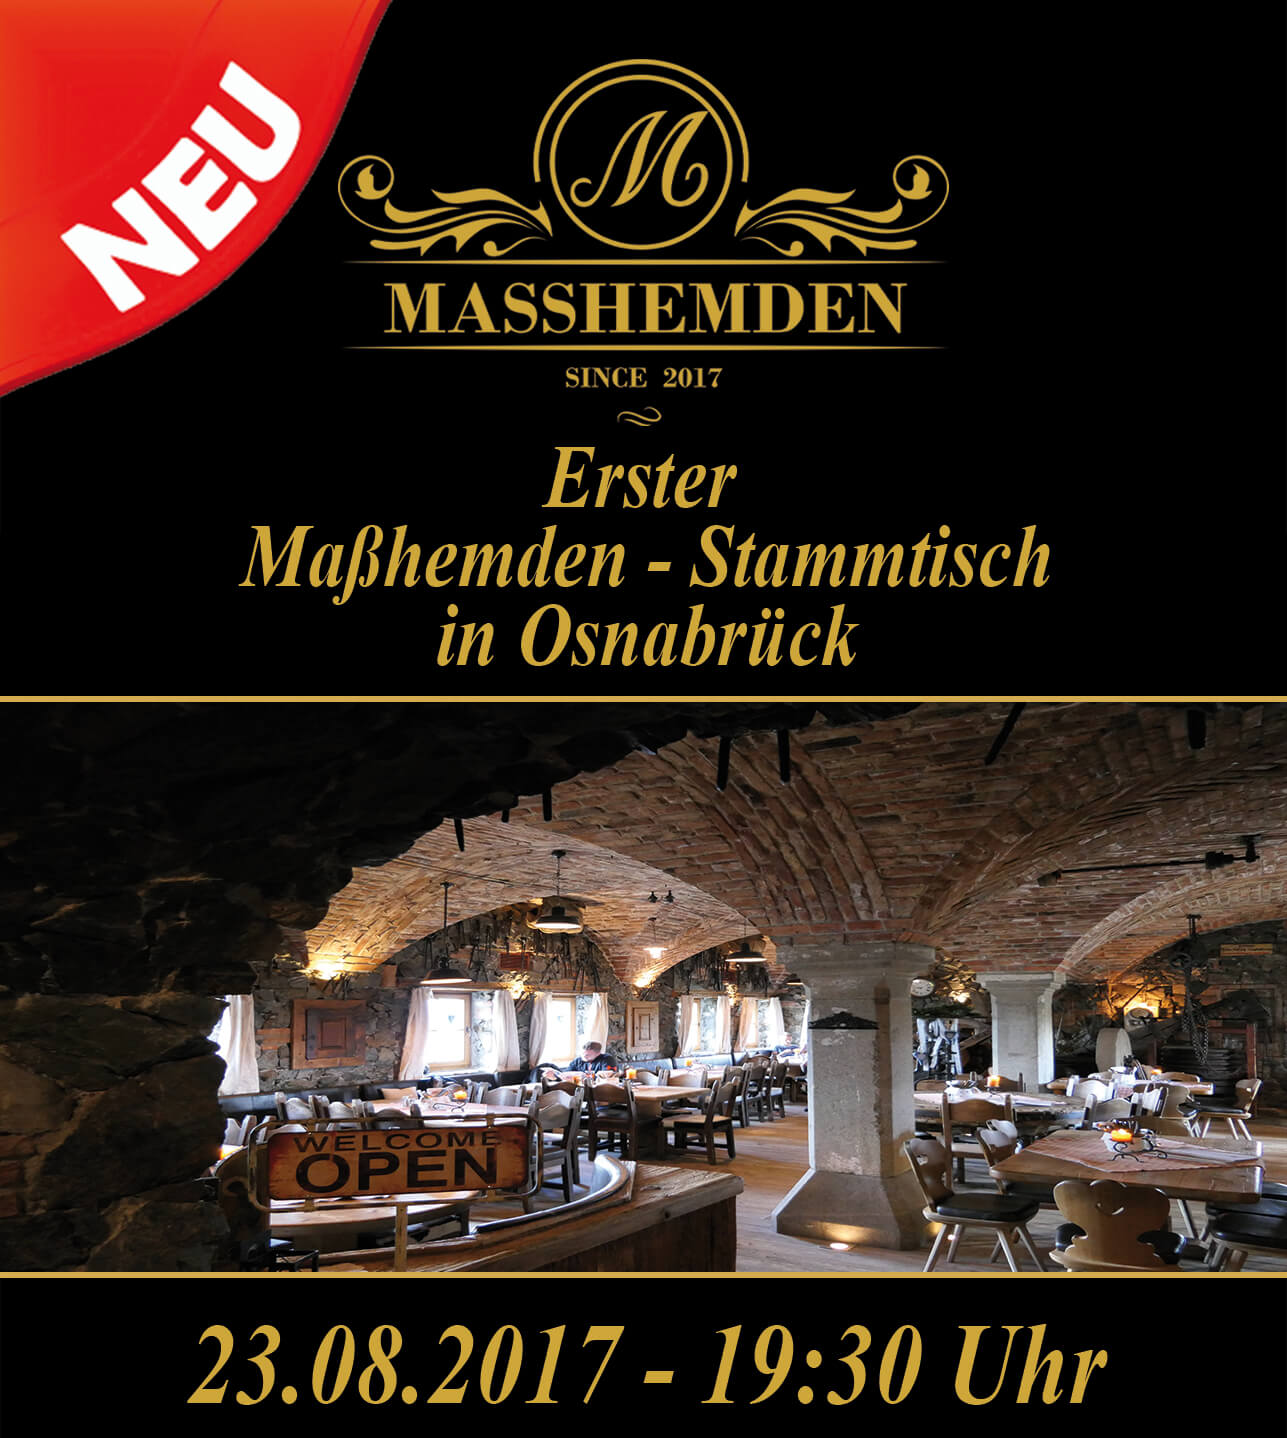 Erster Befeni Maßhemden Stammtisch Osnabrück